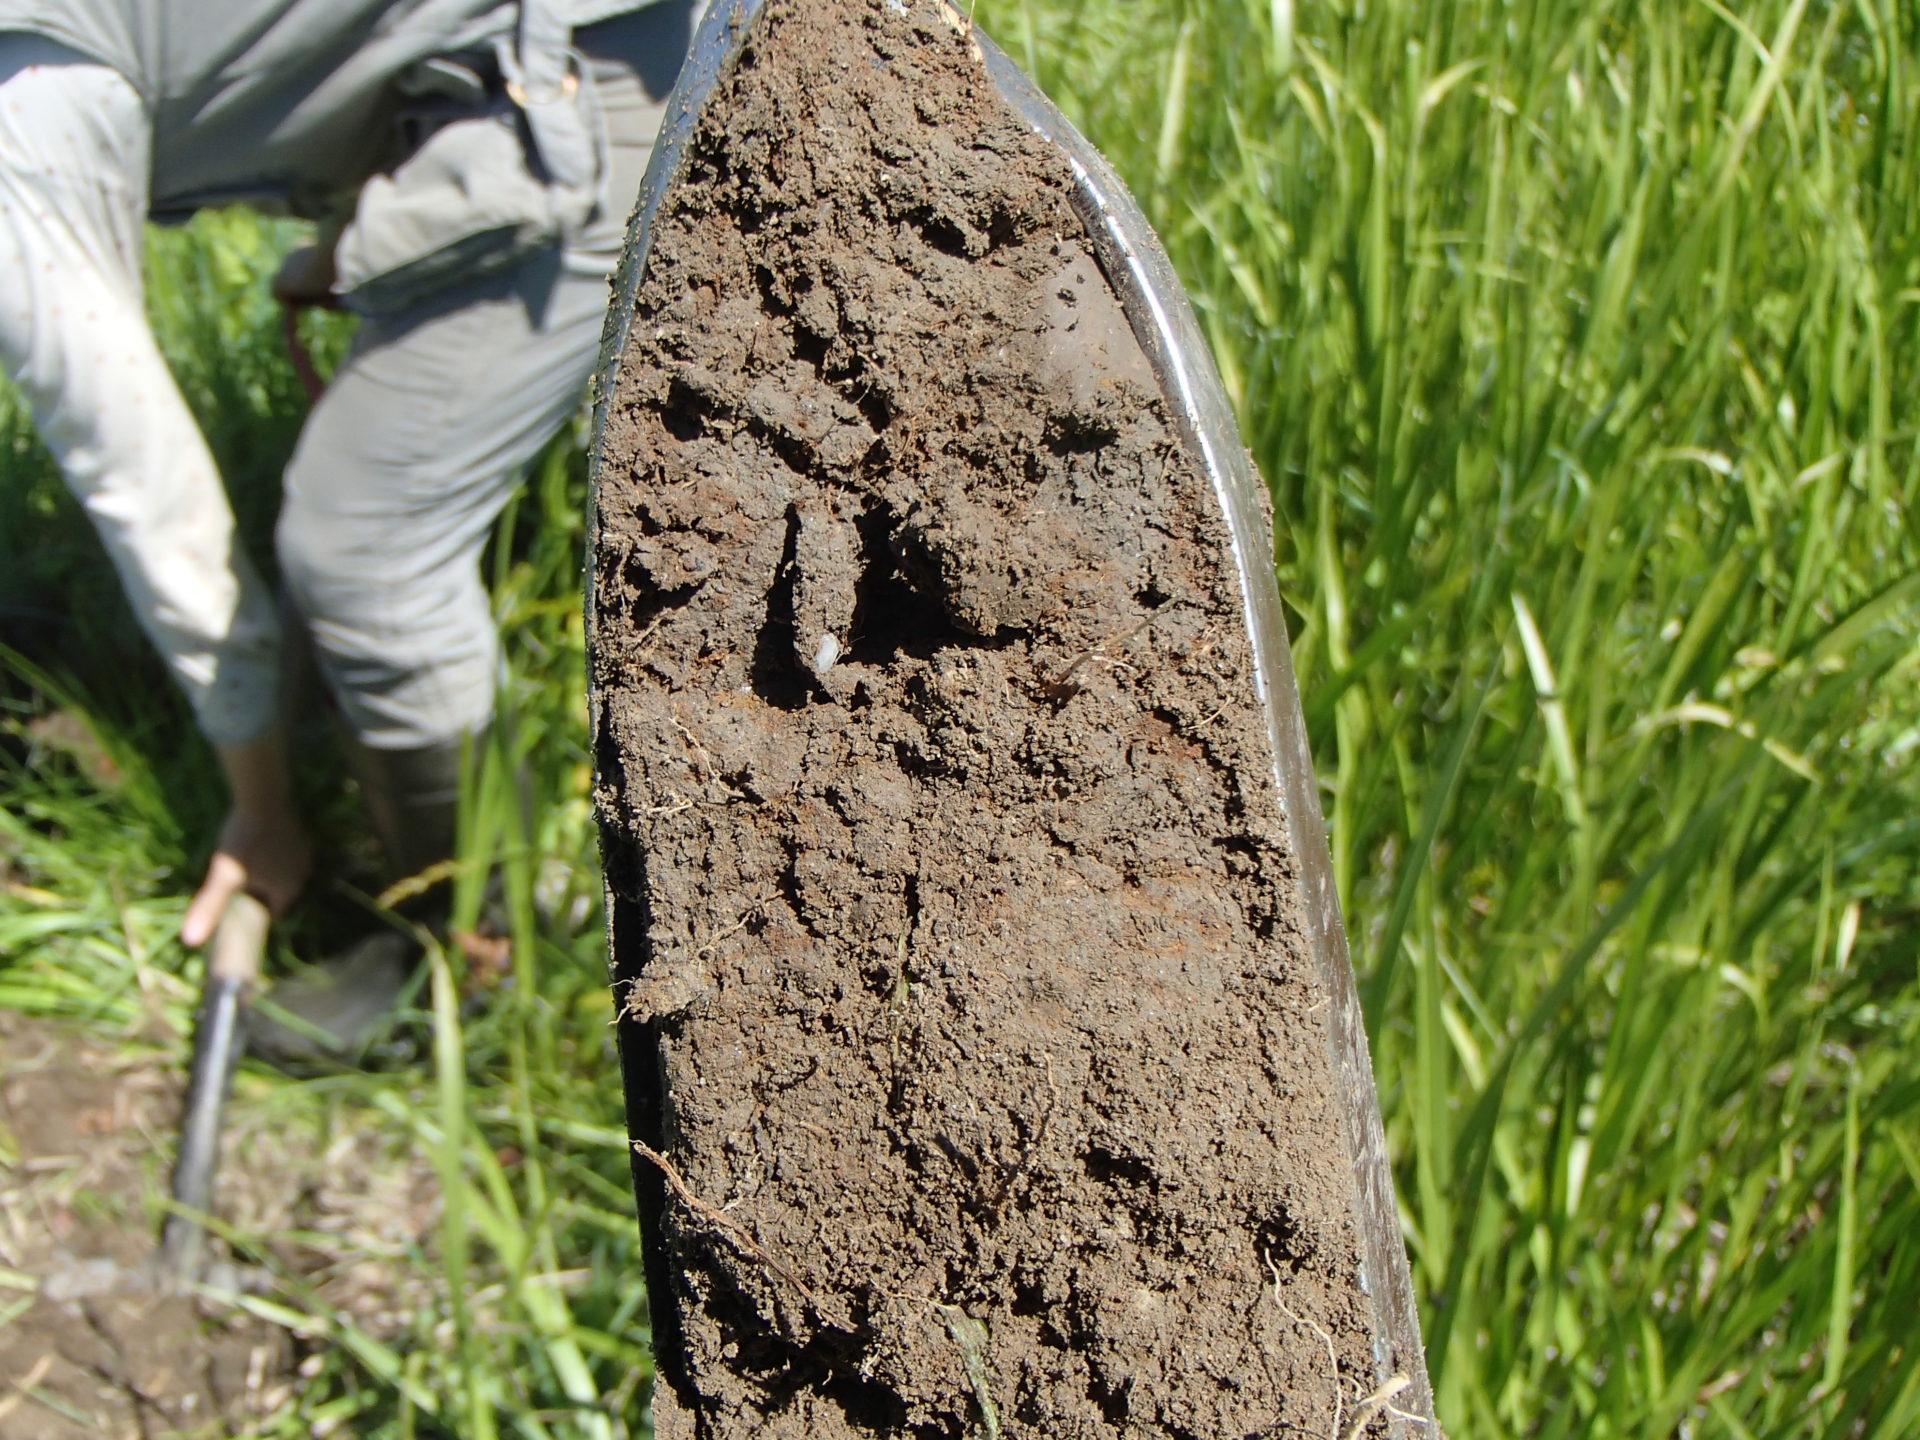 Analyse de site - caractérisation de sol